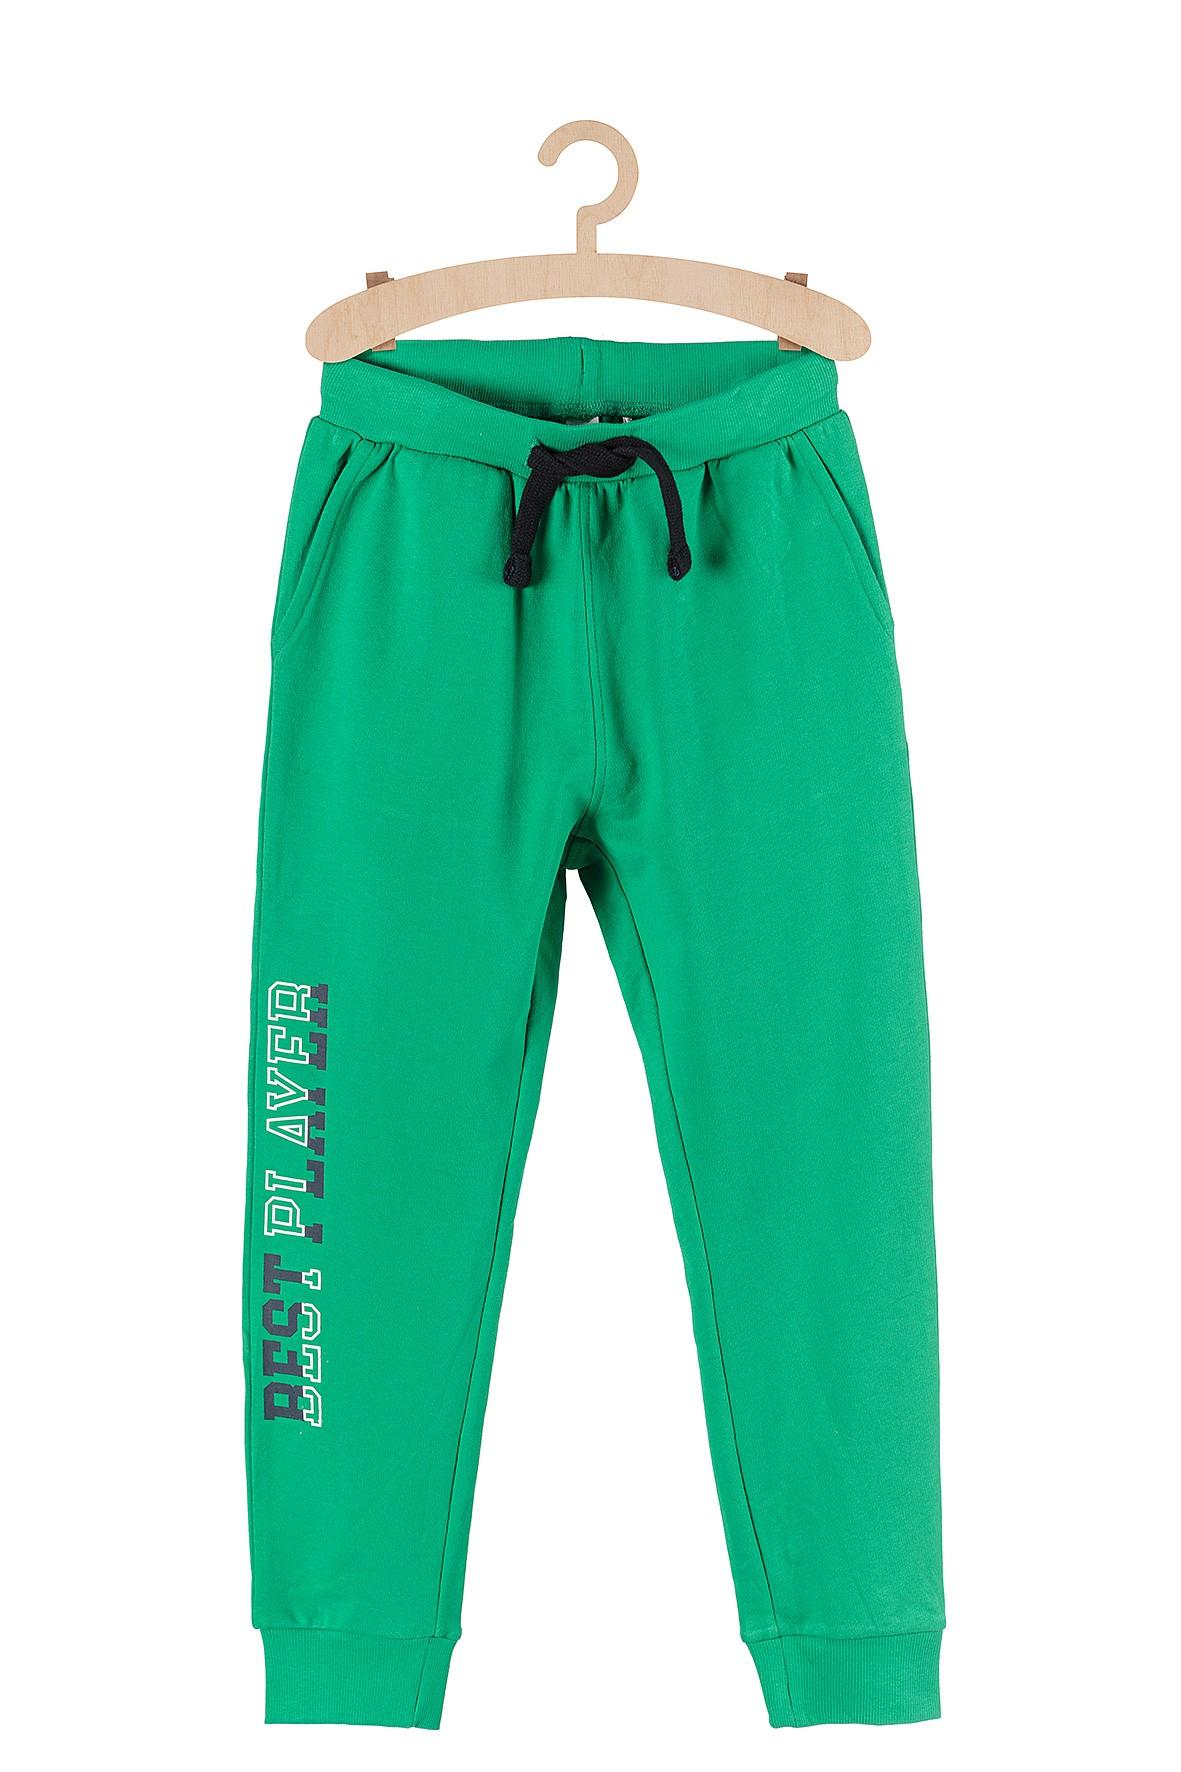 Spodnie dresowe dla chłopca- zielone